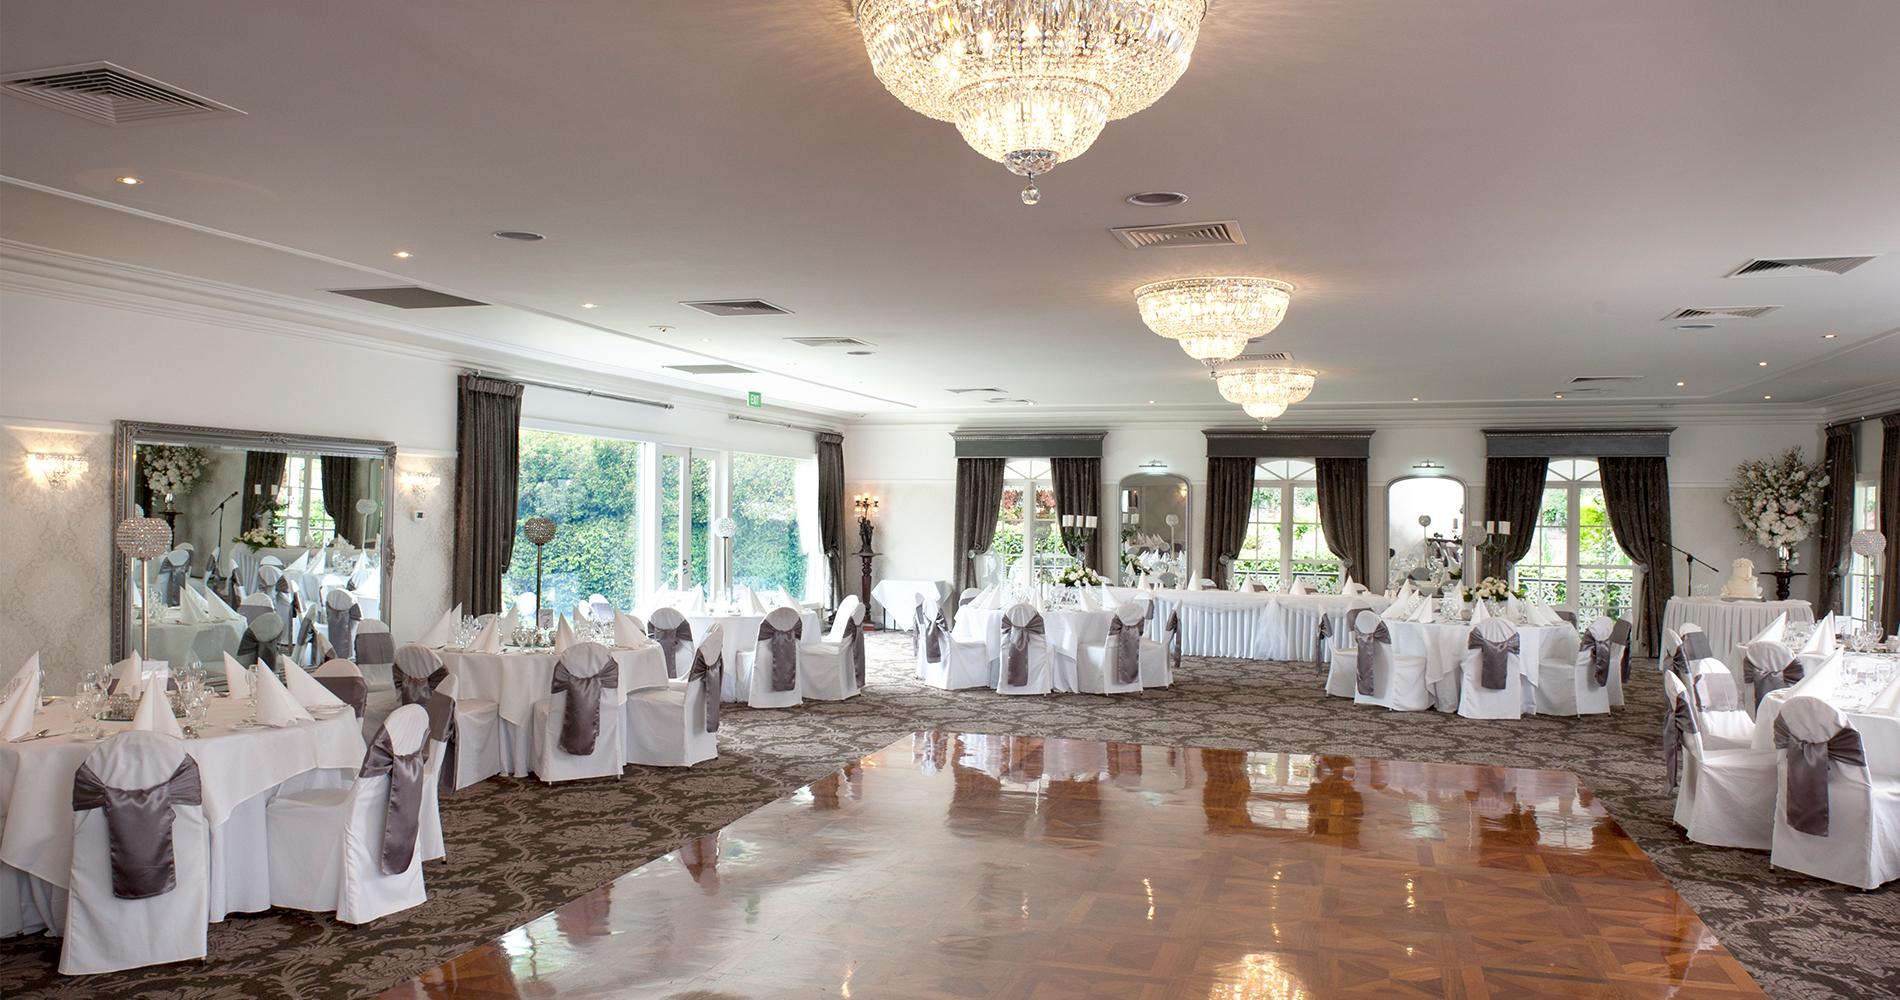 Ballara Wedding Venue - Wedding Reception Venue Melbourne